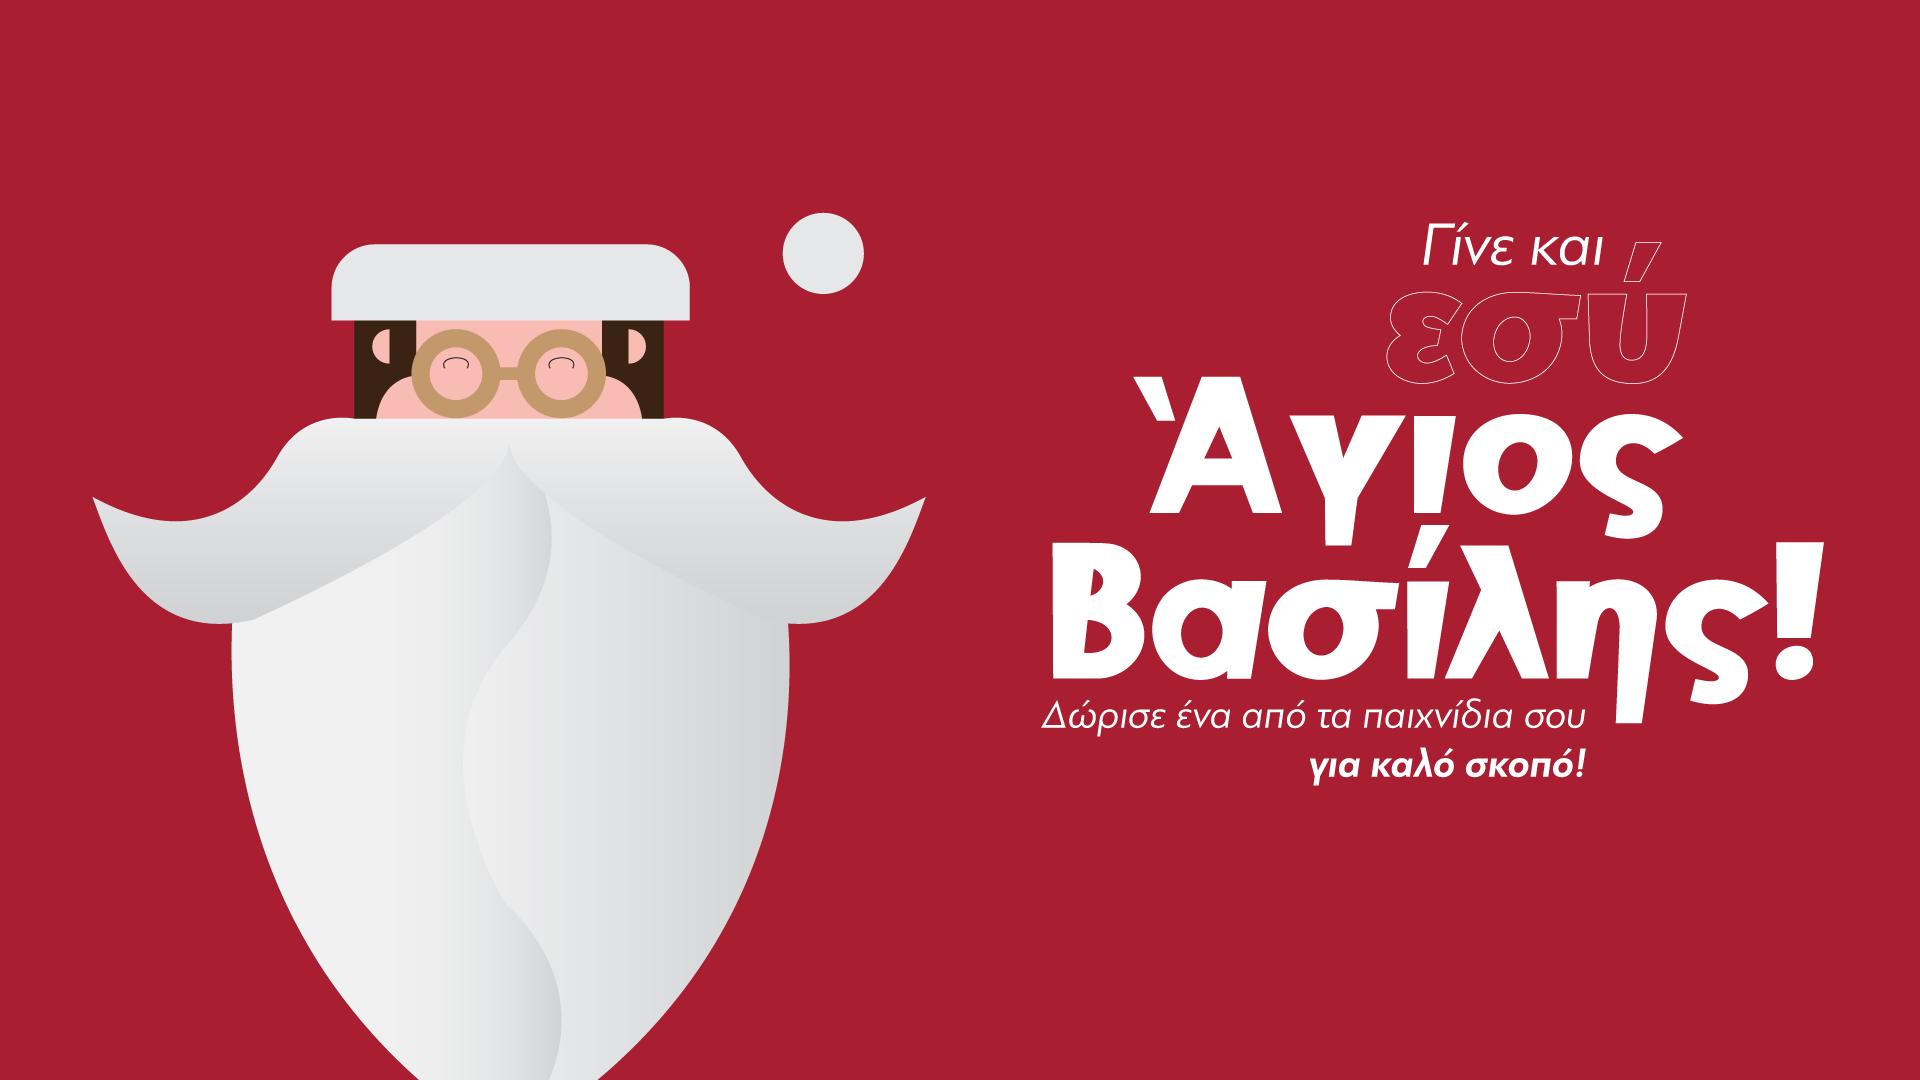 Γίνε και εσύ Άγιος Βασίλης!